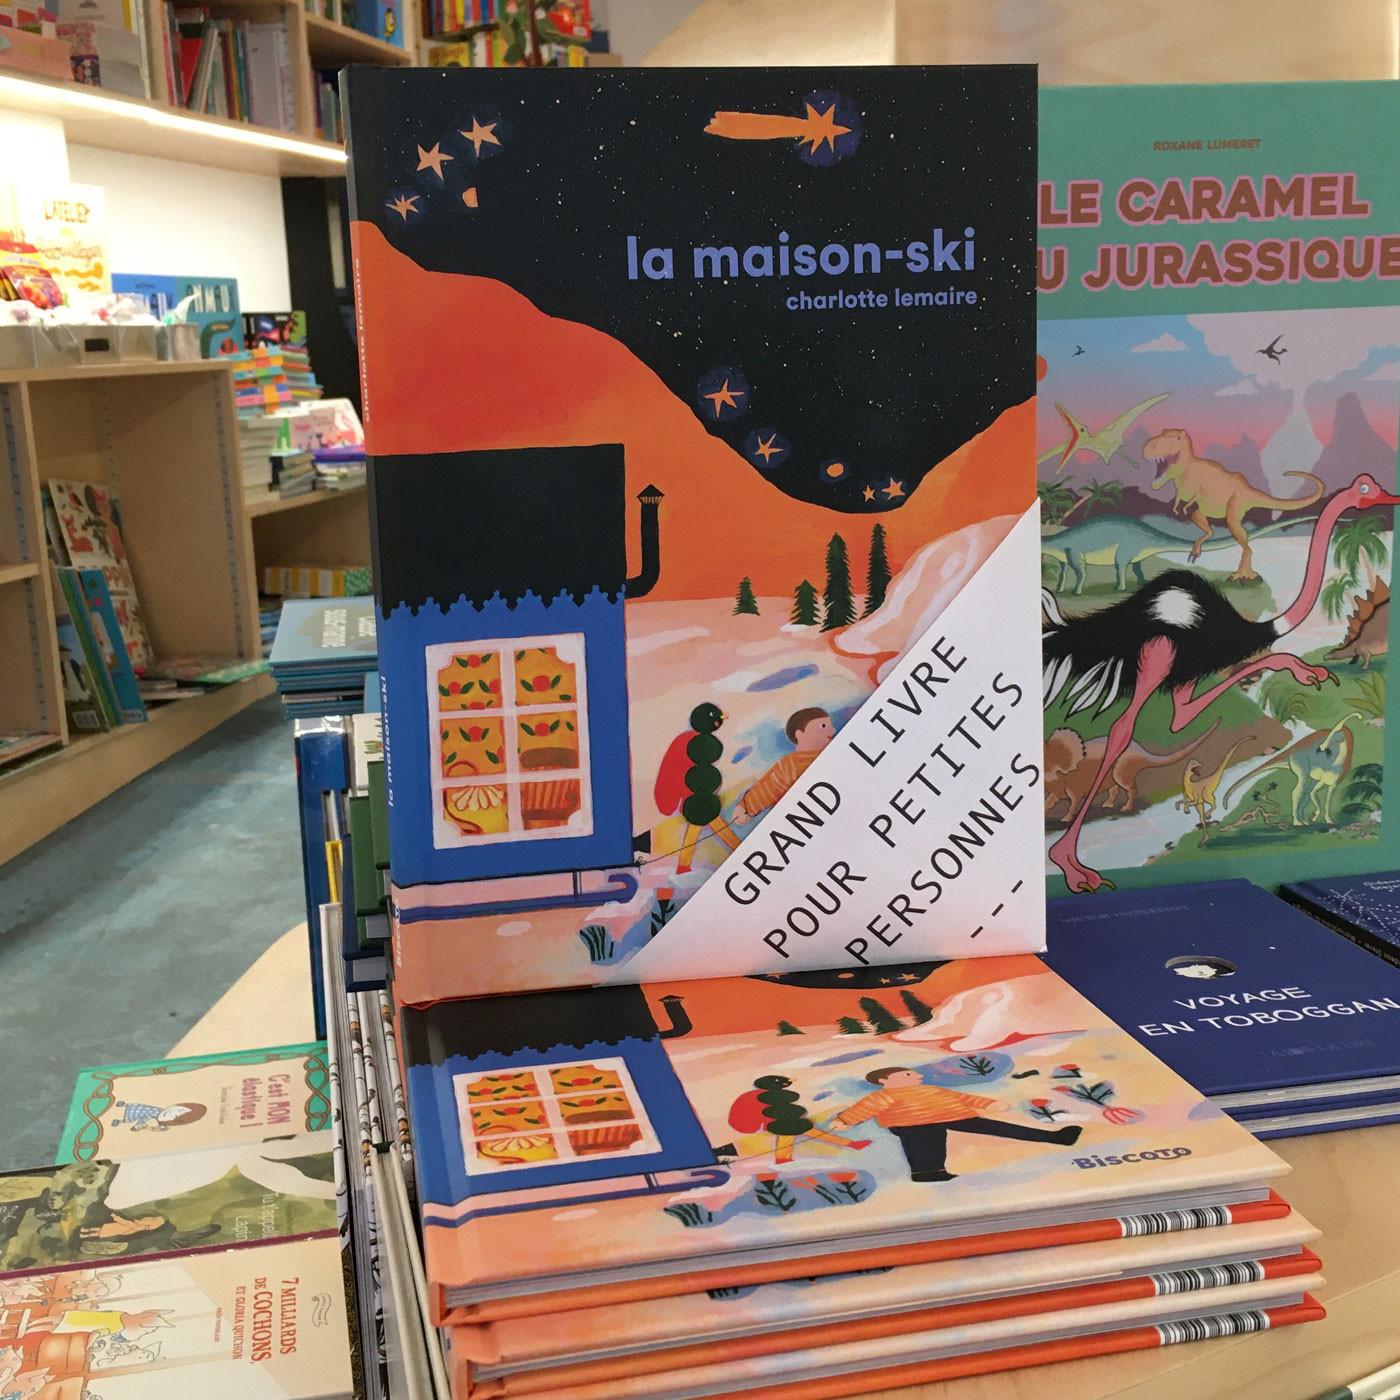 Grands livres pour petites personnes #17 - La Maison-ski